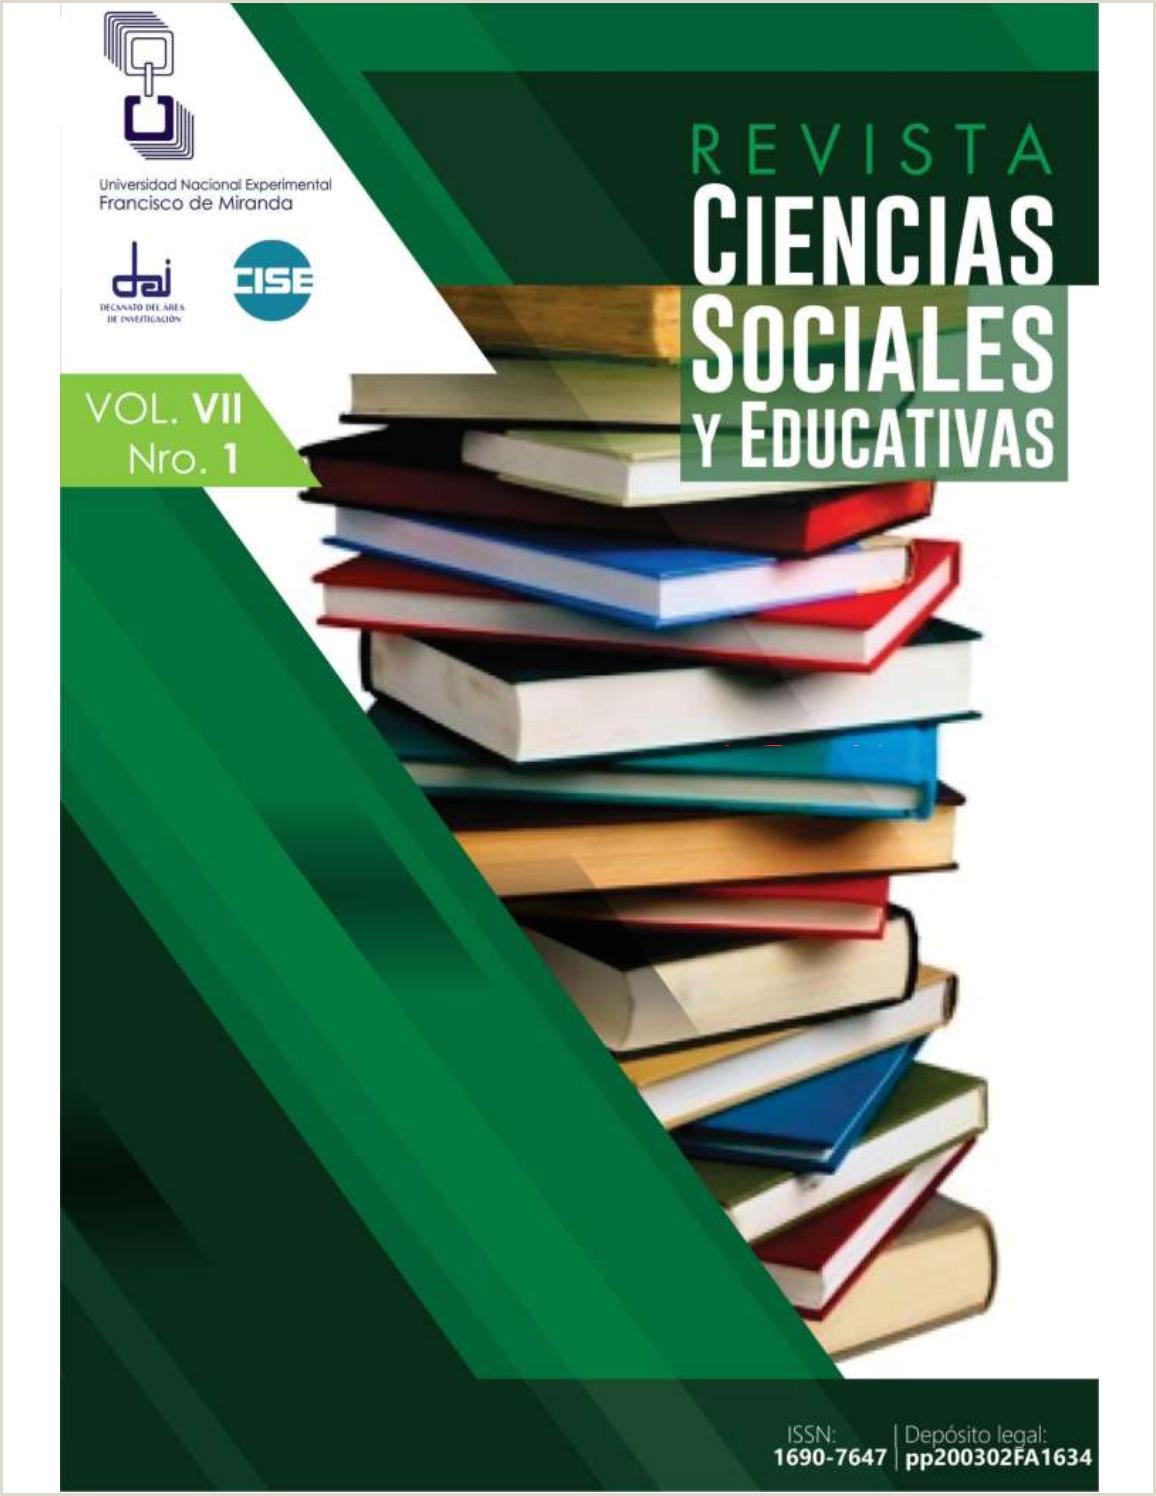 Formato Unico De Hoja De Vida En Word Gratis Rcse Vol Vii Nro 1 by Revista Ciencias sociales Y